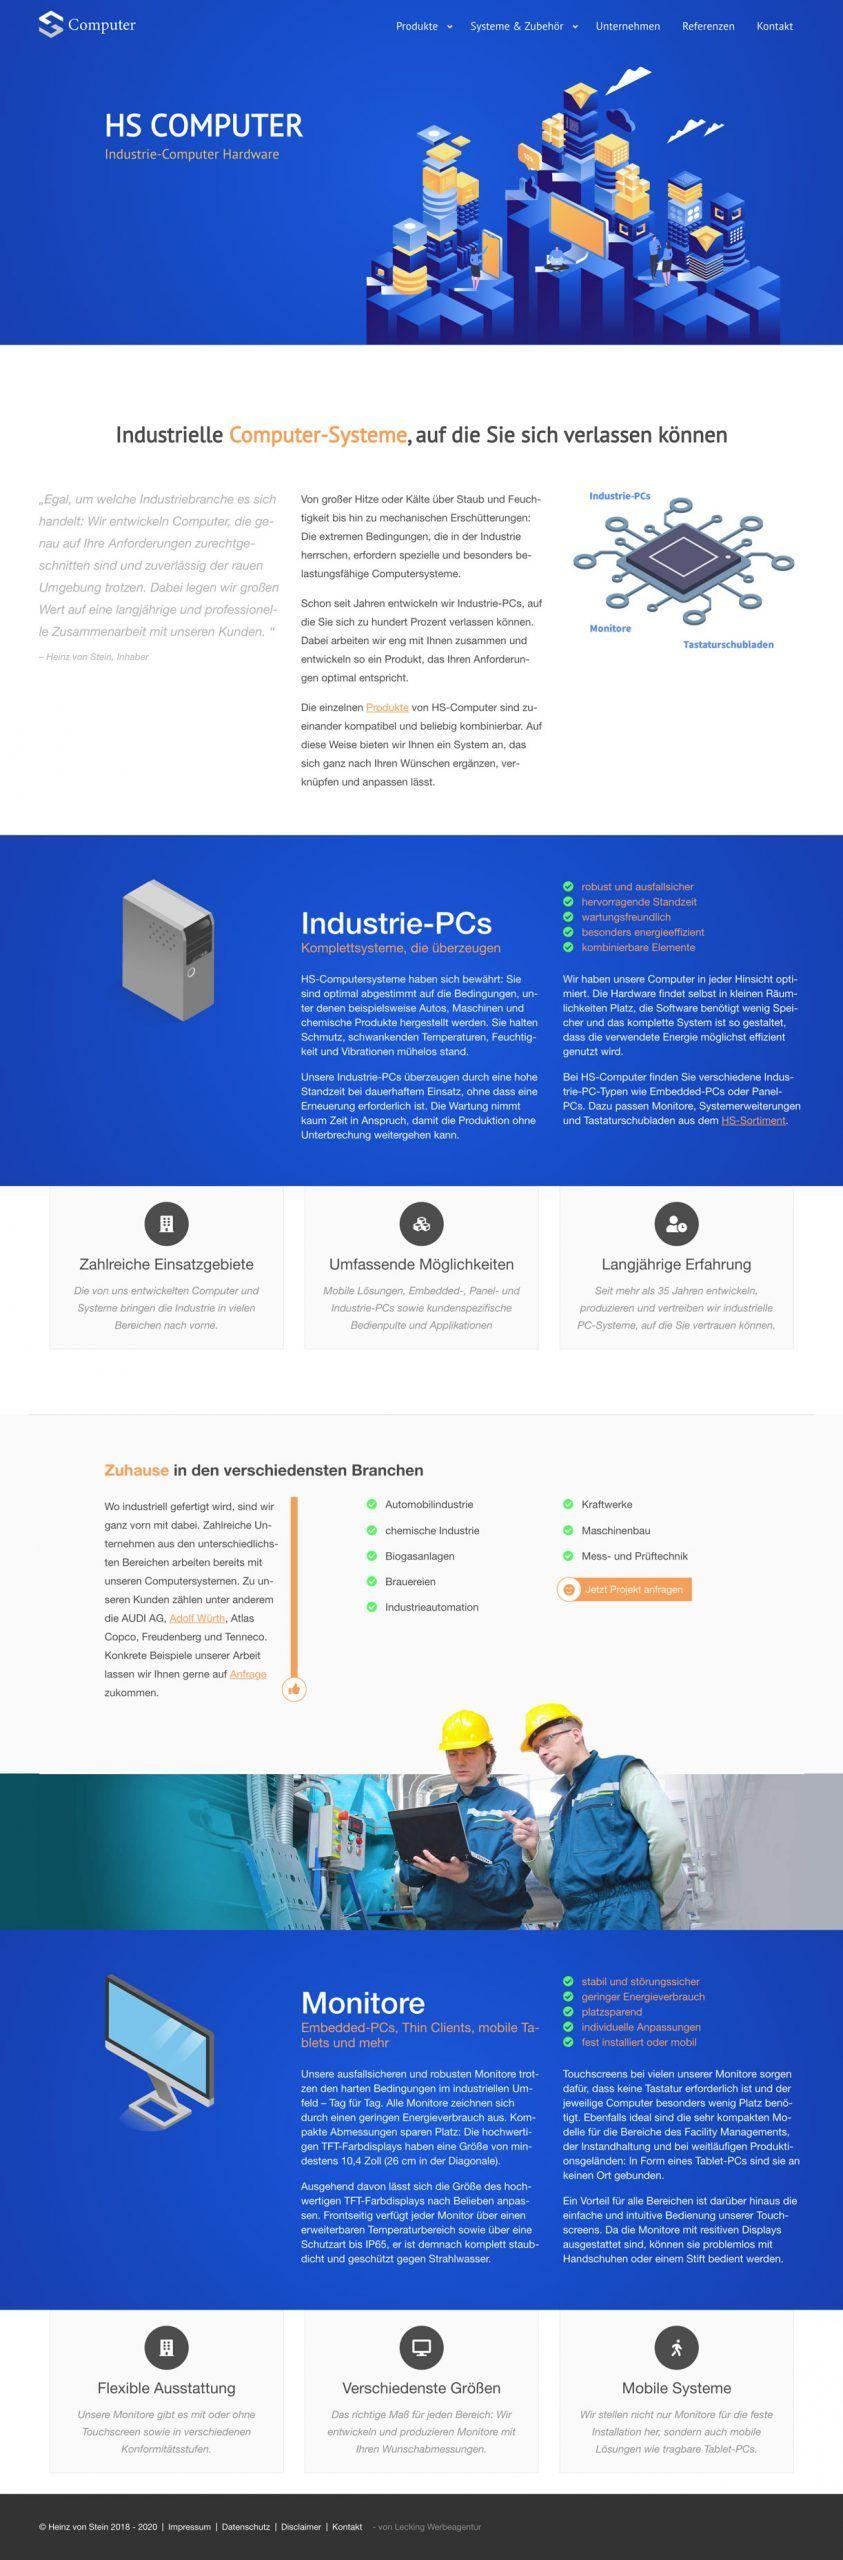 Screenshot der Seite: hs-industriecomputer.de